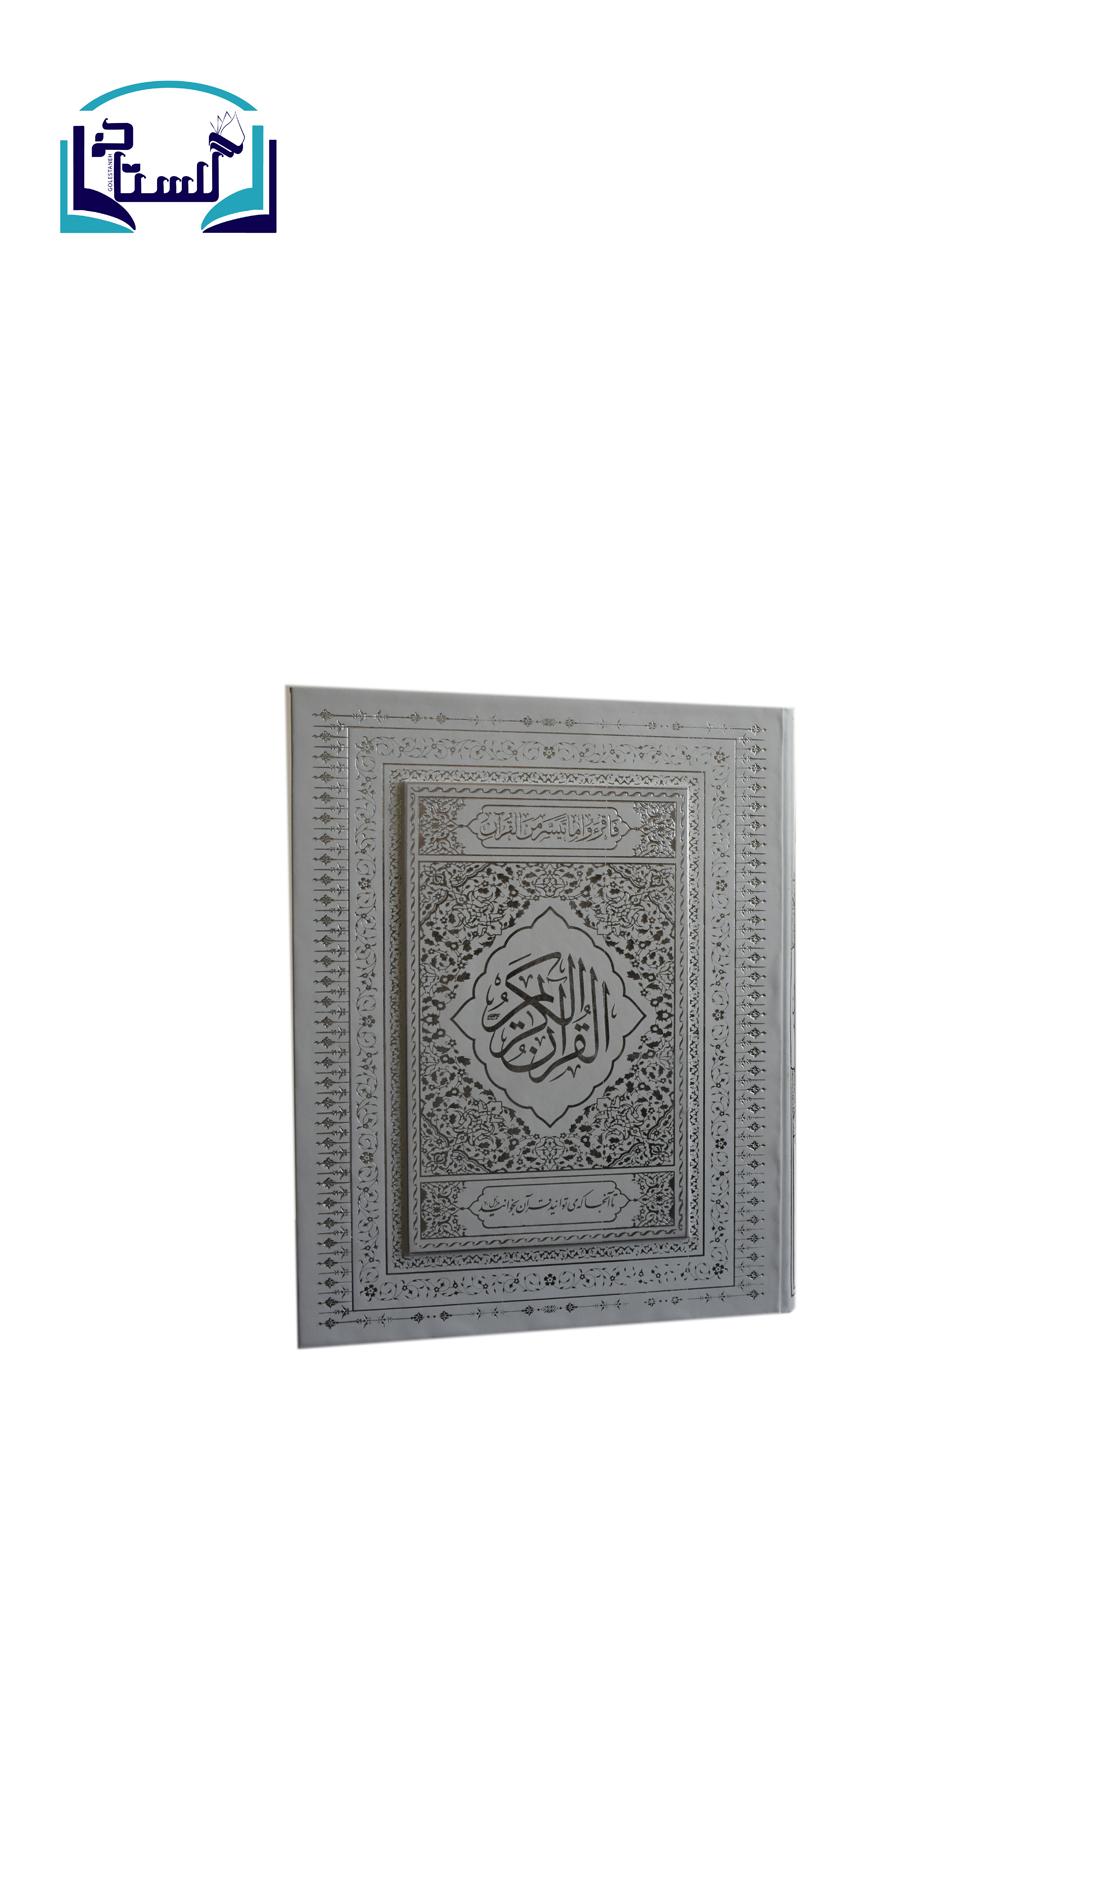 =قرآن(آيين-دانش)عثمان-طه-رحلي-جعبه-دارچرم-تحريرانصاريان